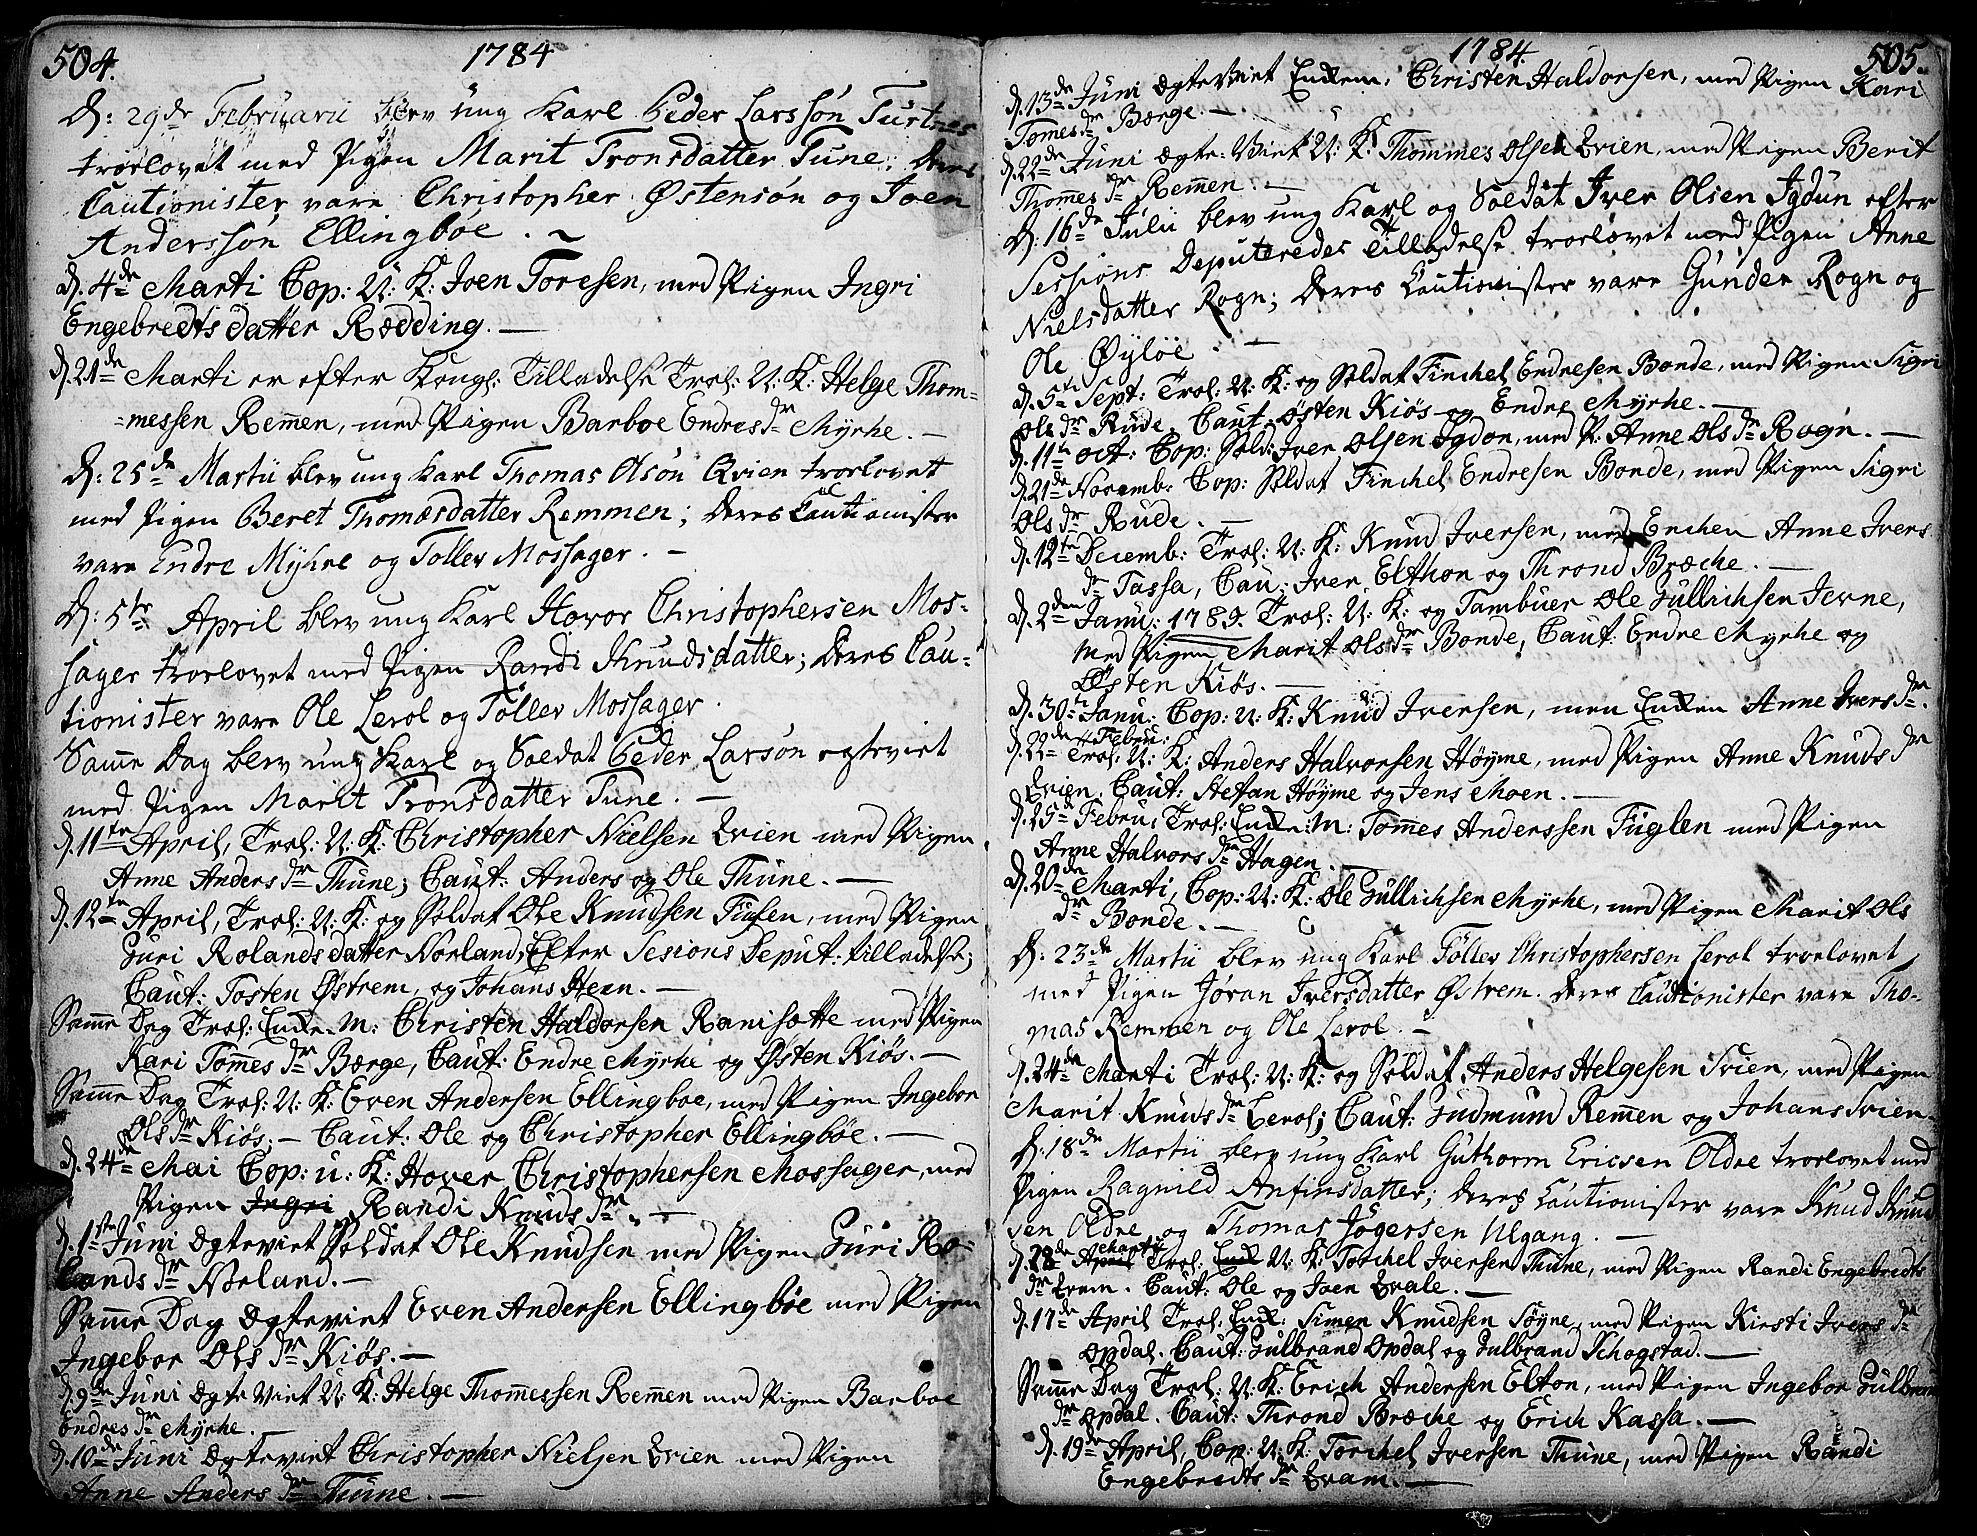 SAH, Vang prestekontor, Valdres, Ministerialbok nr. 1, 1730-1796, s. 504-505